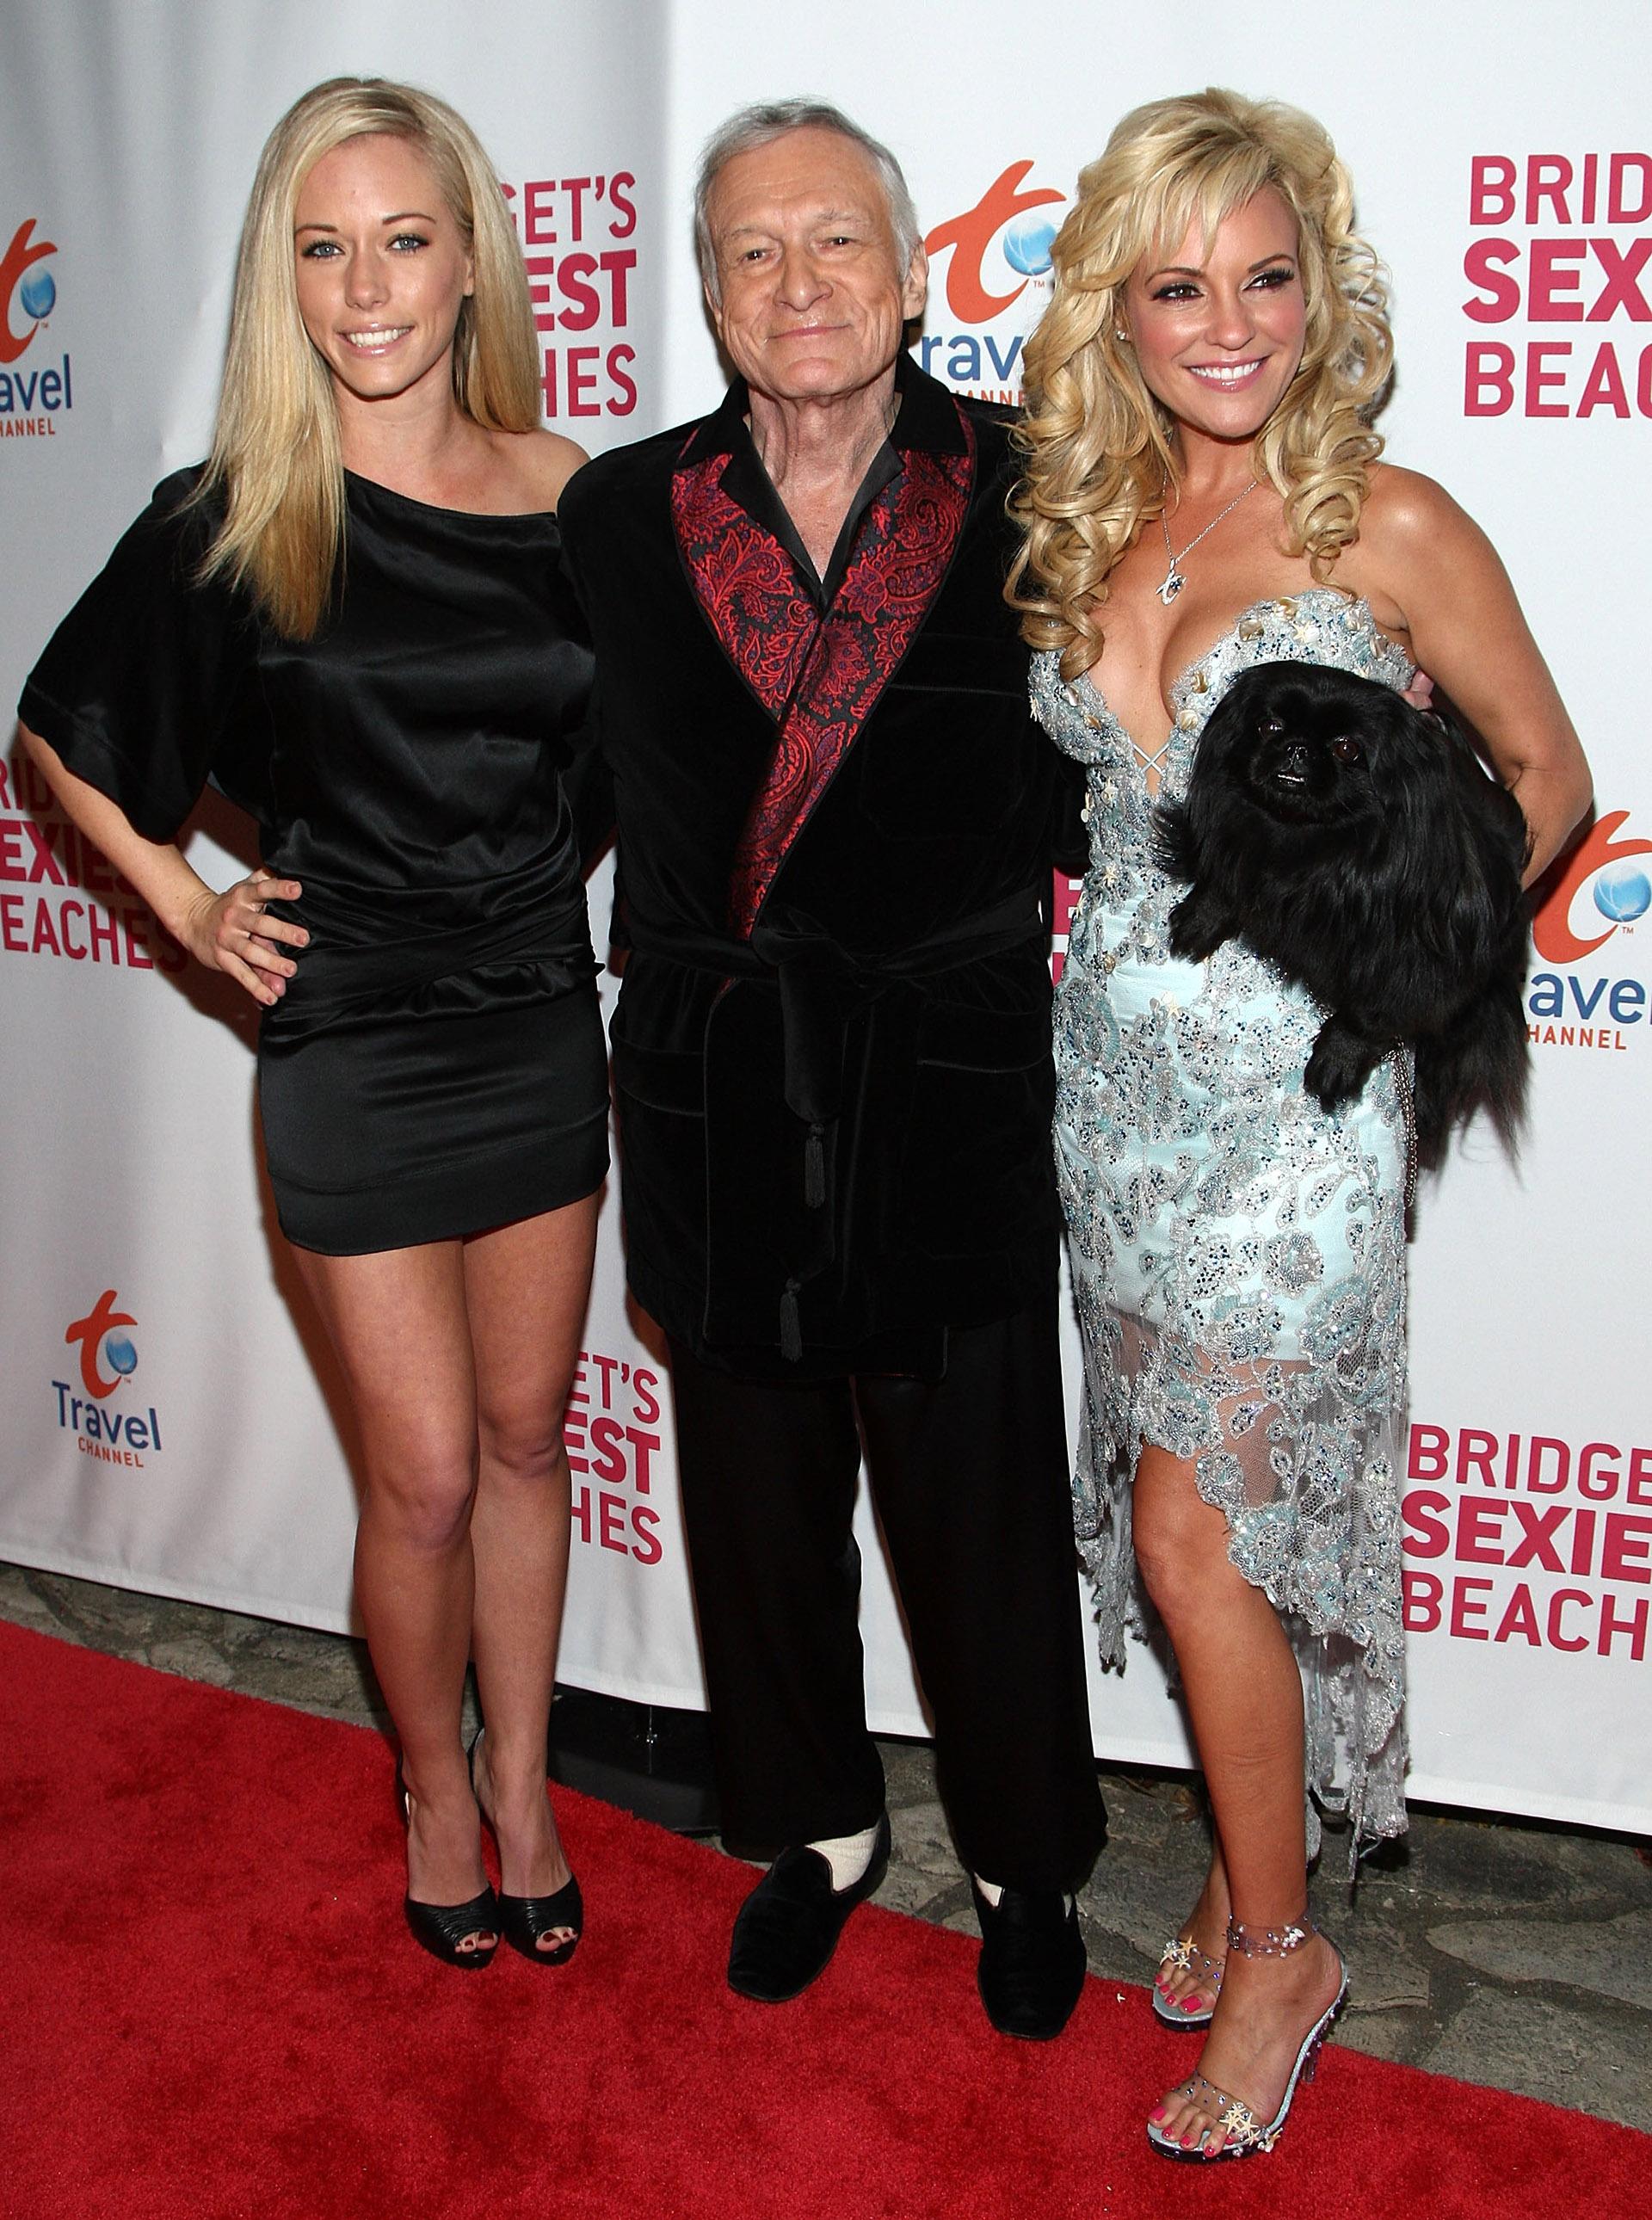 Kendra Wilkinson y Bridget Marquard junto al excéntrico magnate que escogía vestir sus trajes aterciopelados para acudir a eventos sociales, este género era uno de sus preferidos.